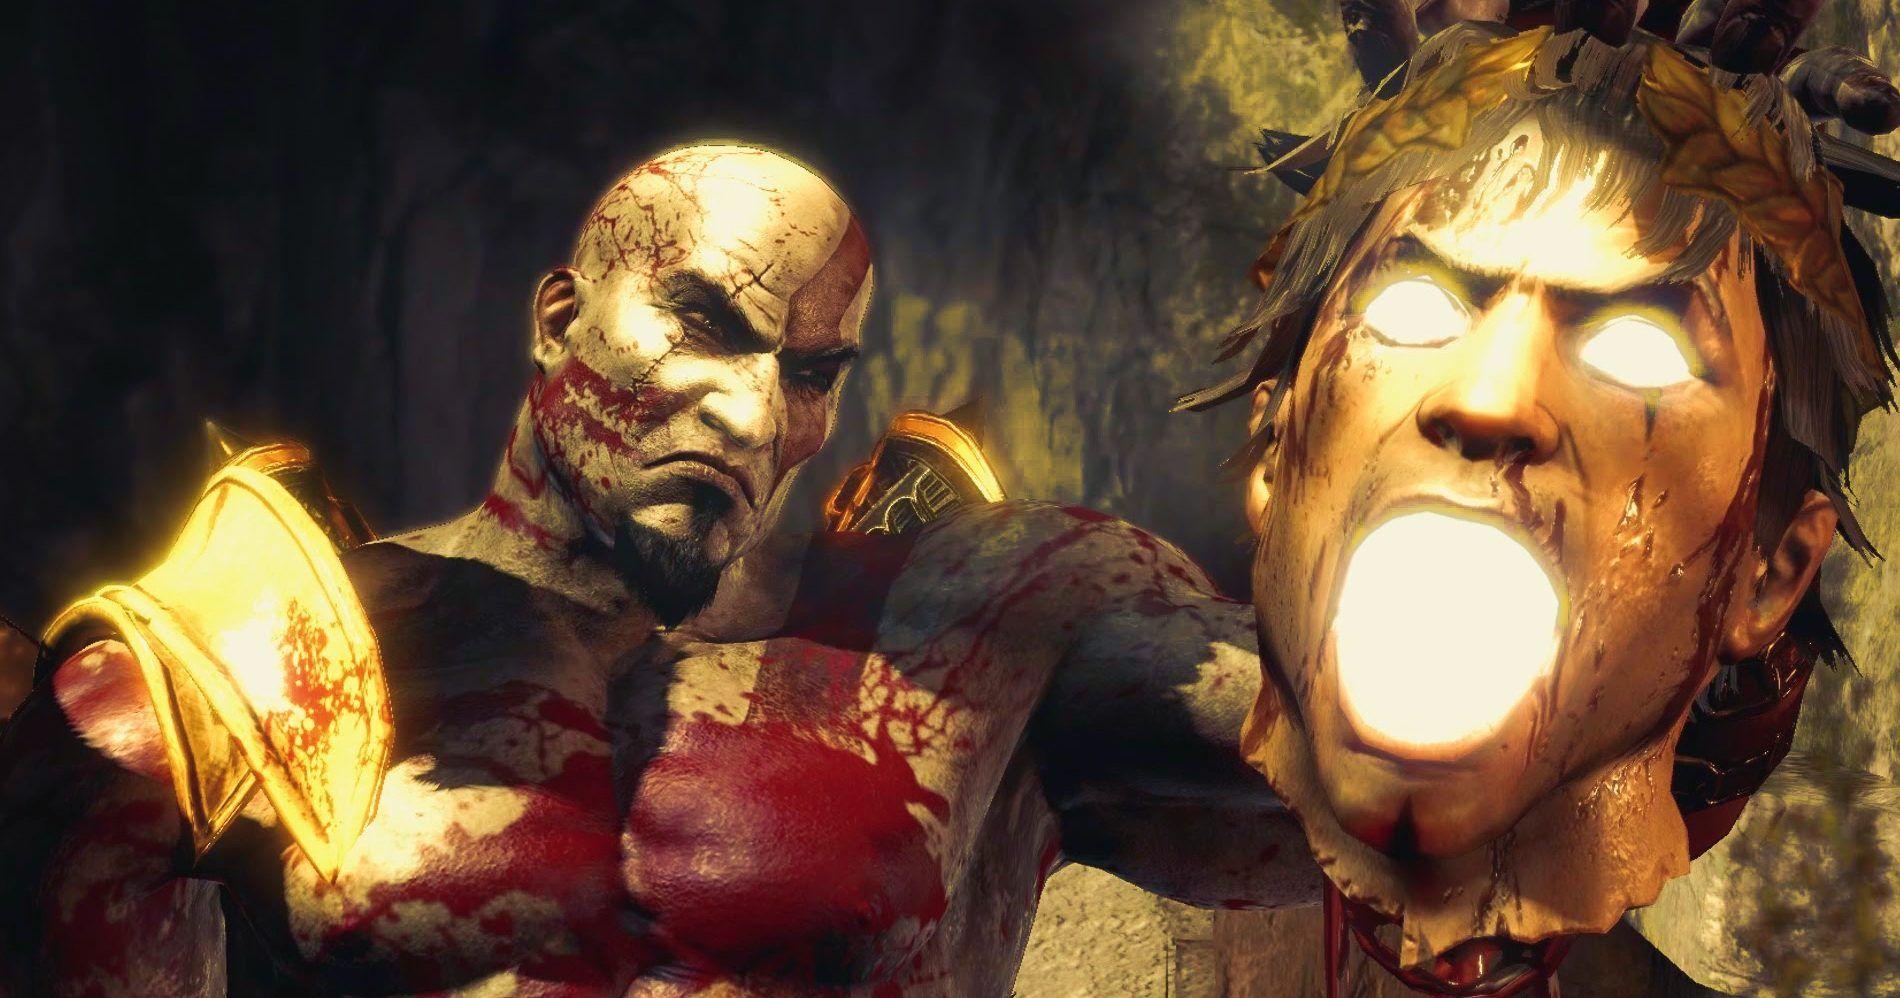 10 Of Kratos' Most Brutal Kills In The God of War Franchise